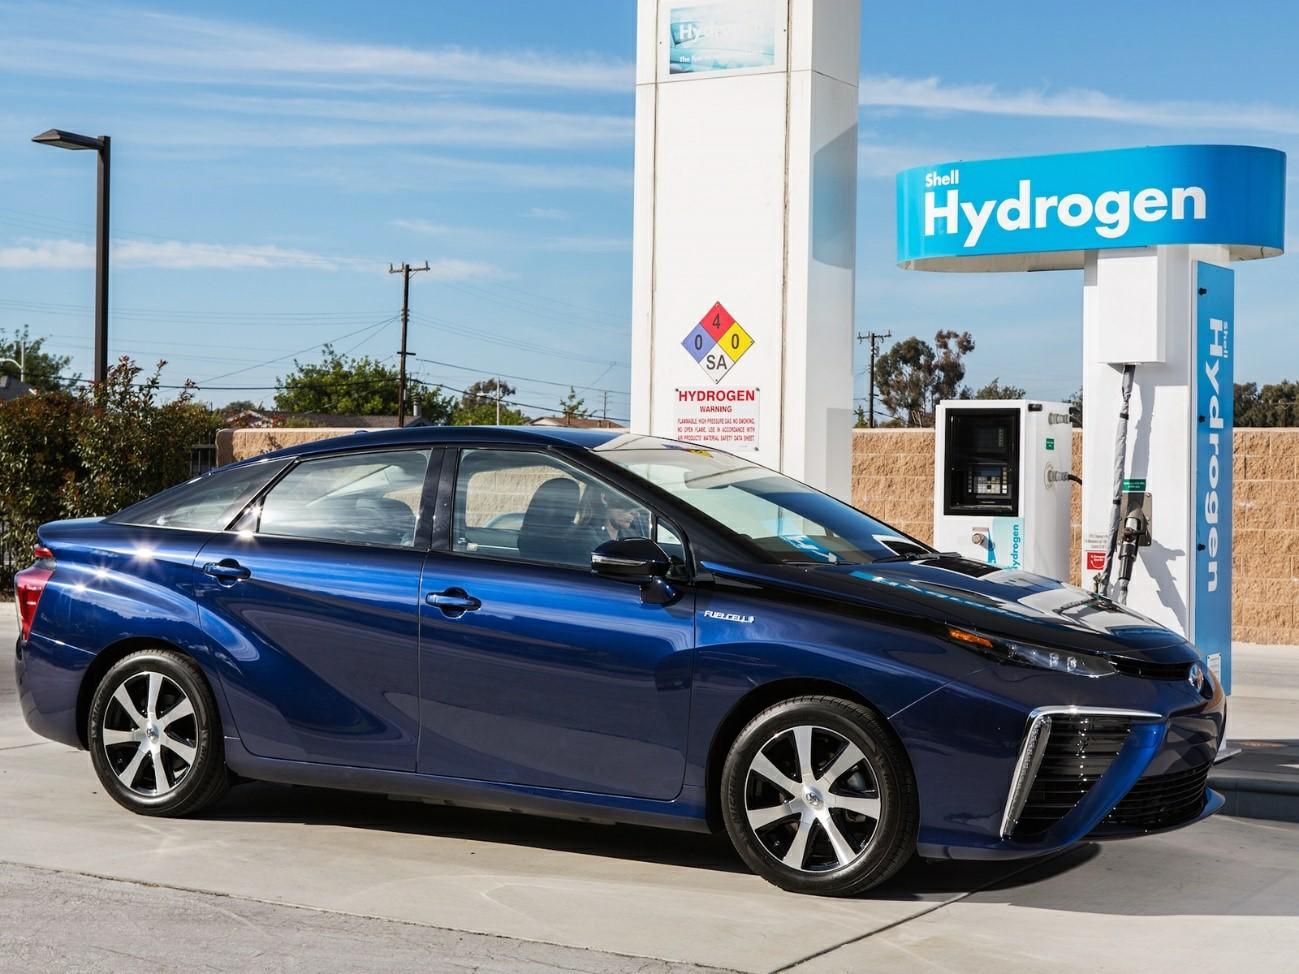 Toyota Mirai coche de hidrogeno